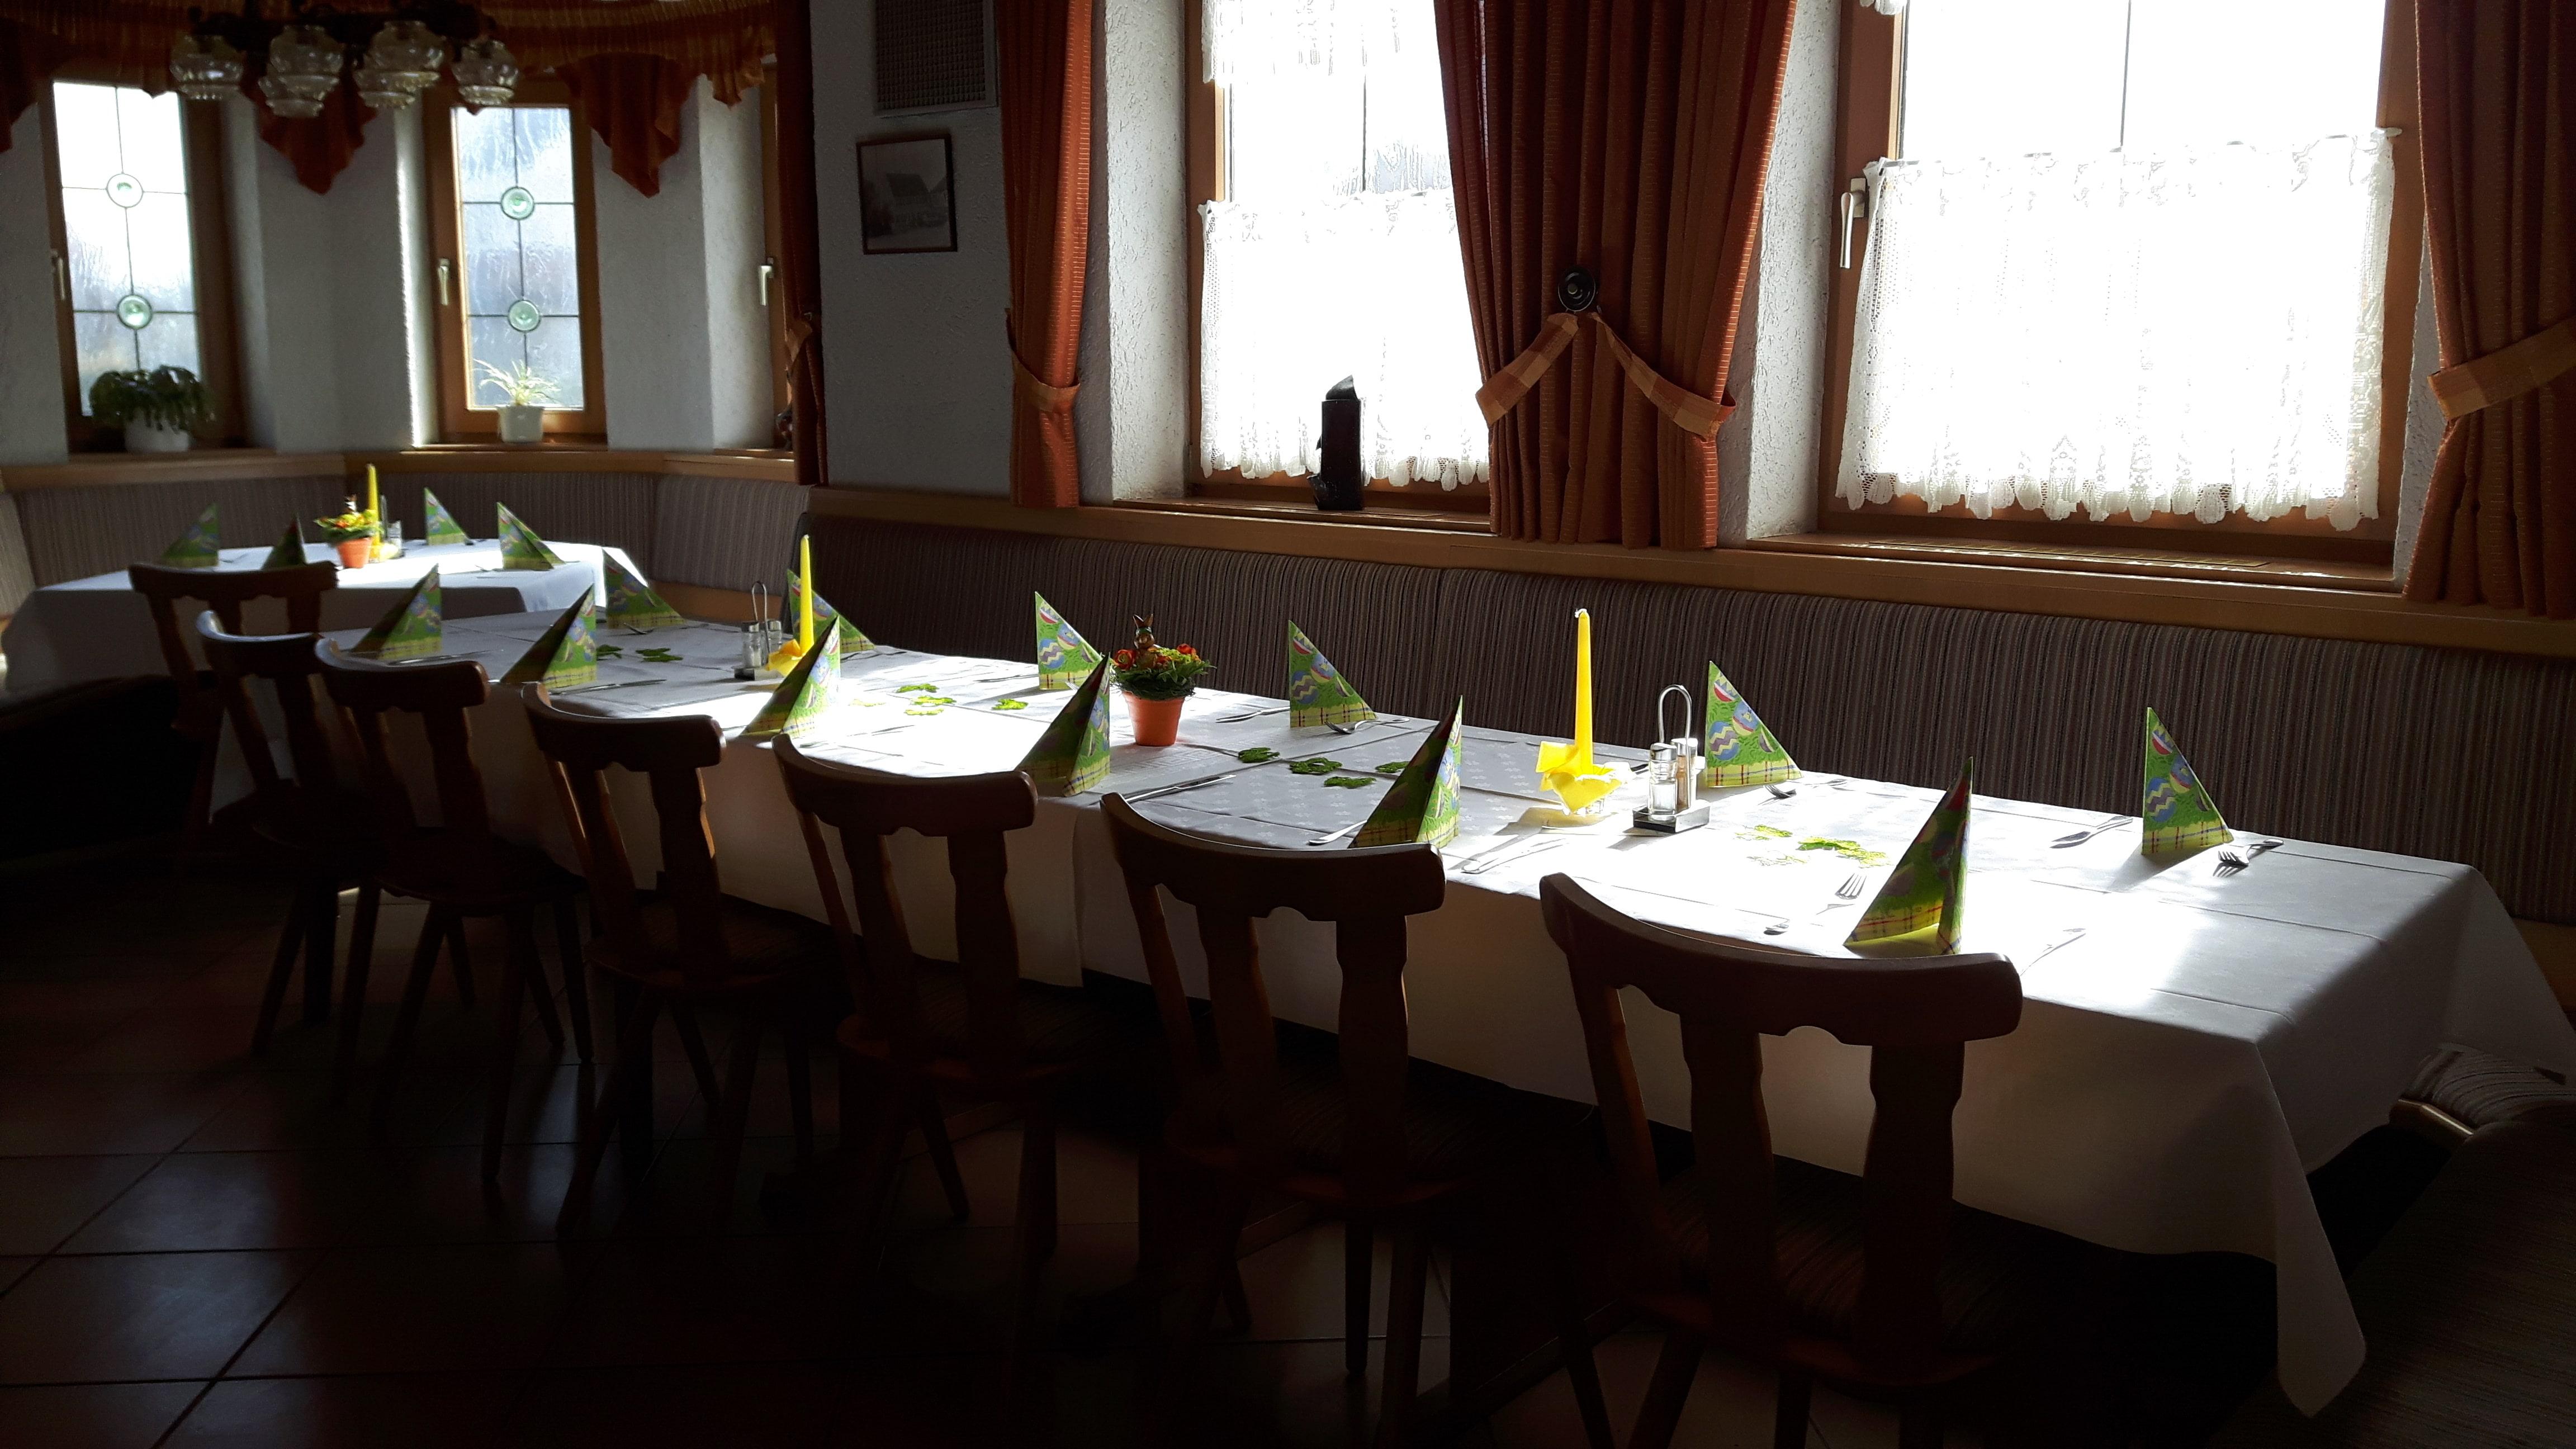 Gutbürgerliche Küche Augsburg   Restaurant Gasthof Magg Biberbach Meitingen Augsburg